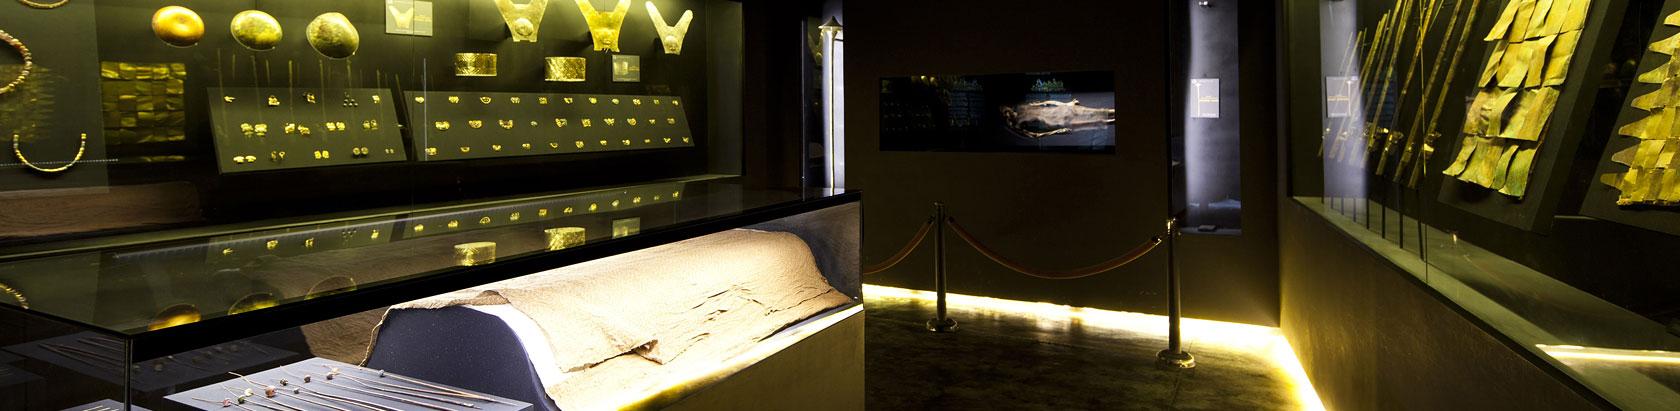 Museo de Cao © Alex Bryce / PromPerú